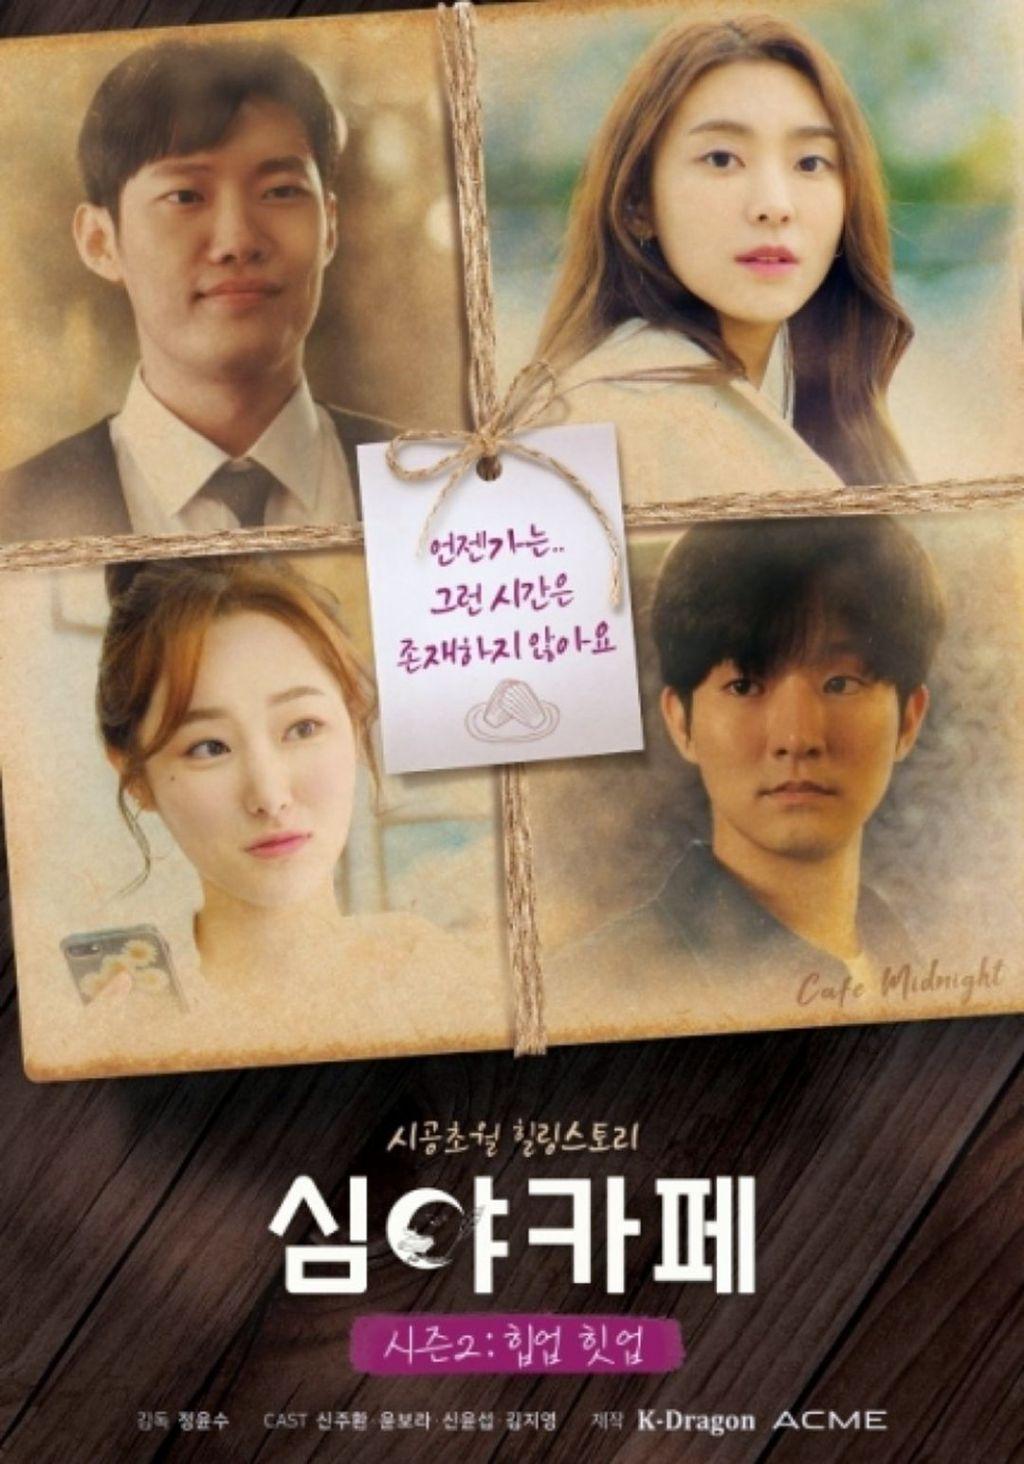 Sinopsis Dan Profil Lengkap Pemeran Web Drama Cafe Midnight Season 2: Hip Up Hit Up (2021)